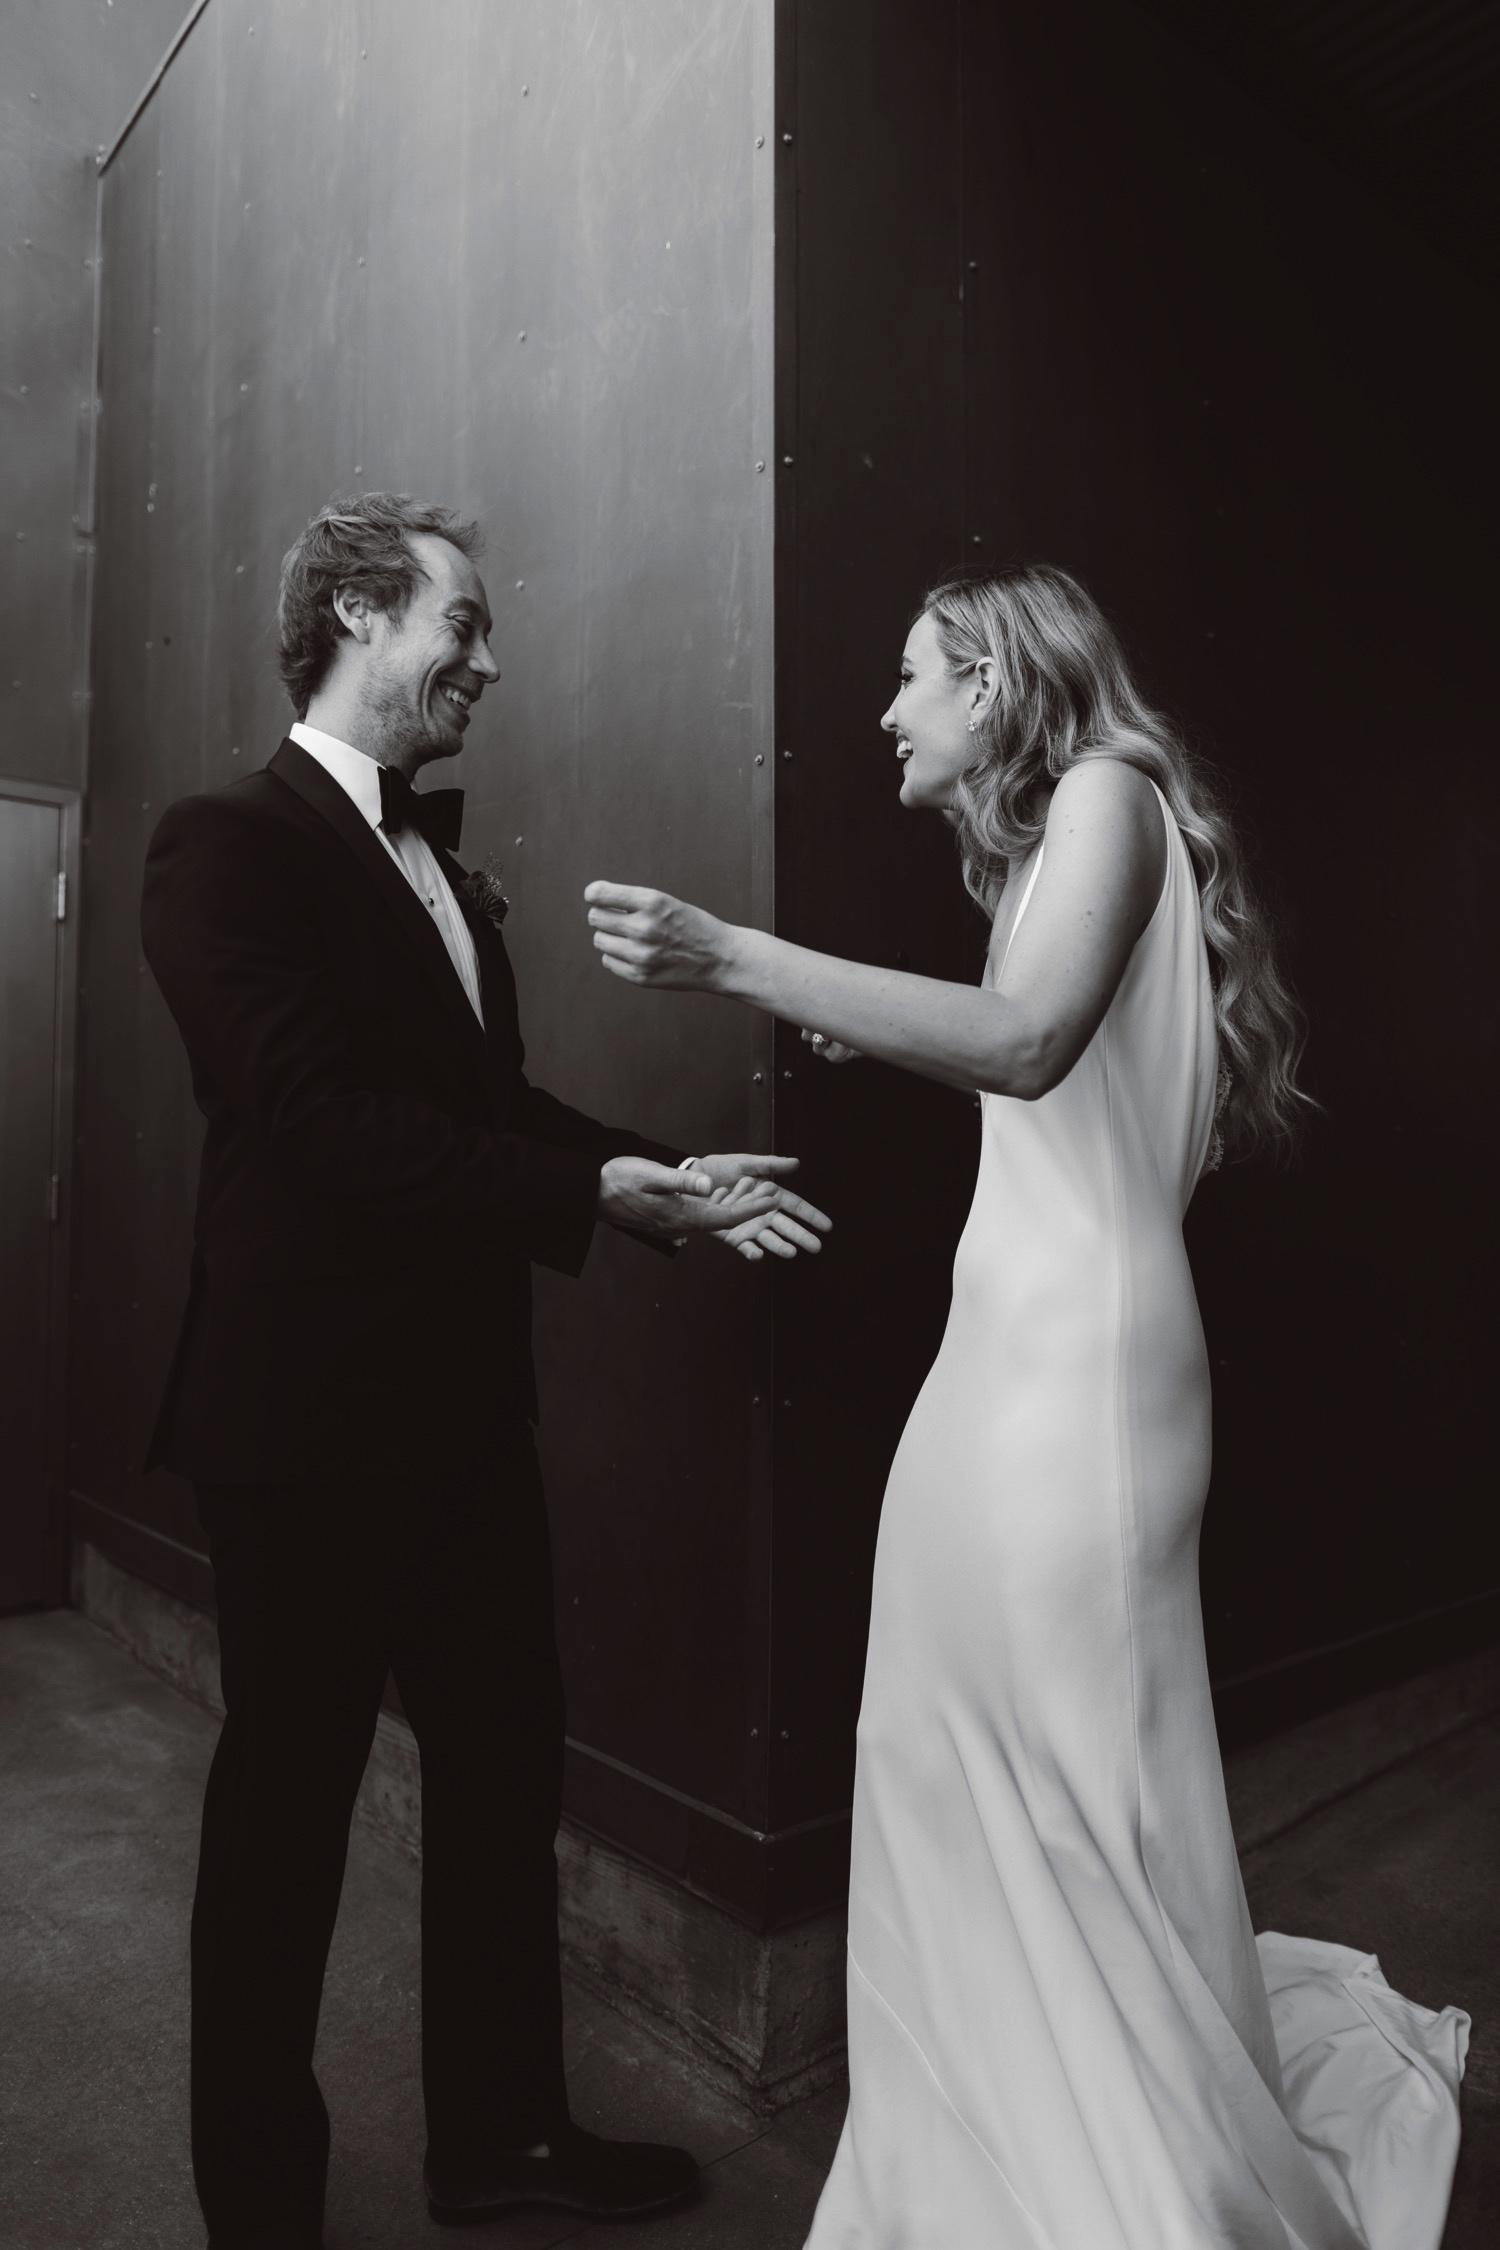 000020_Matt+Kaily- Married_stevecowellphoto-2033.jpg